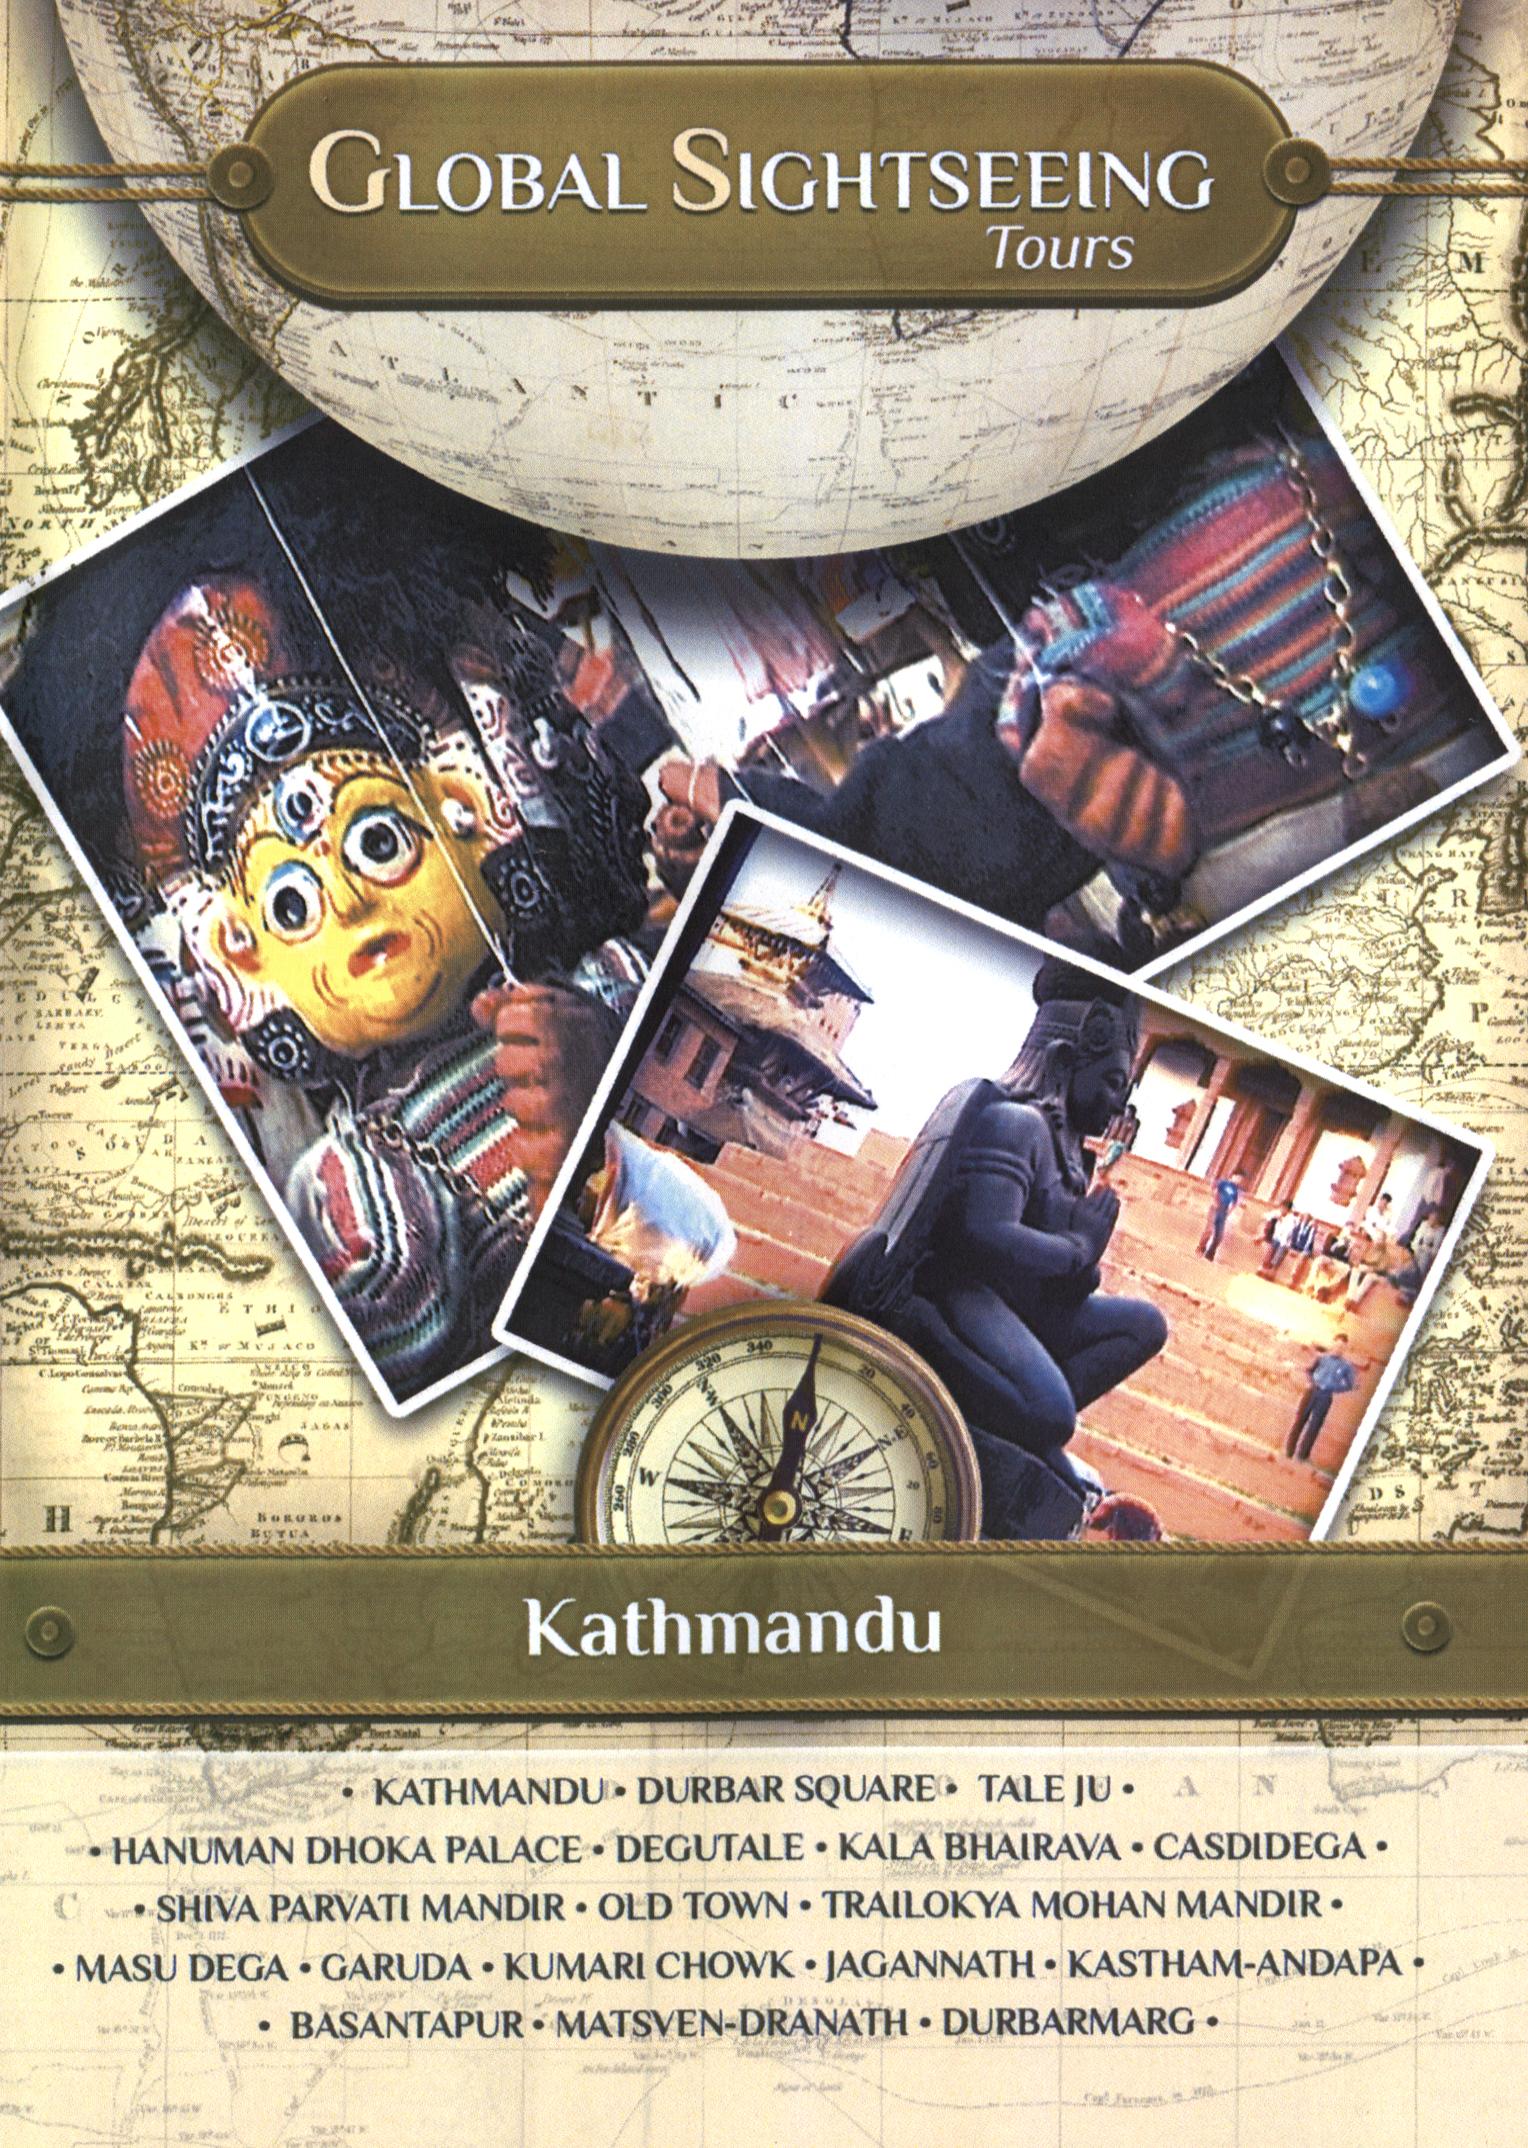 Global Sightseeing Tours: Kathmandu